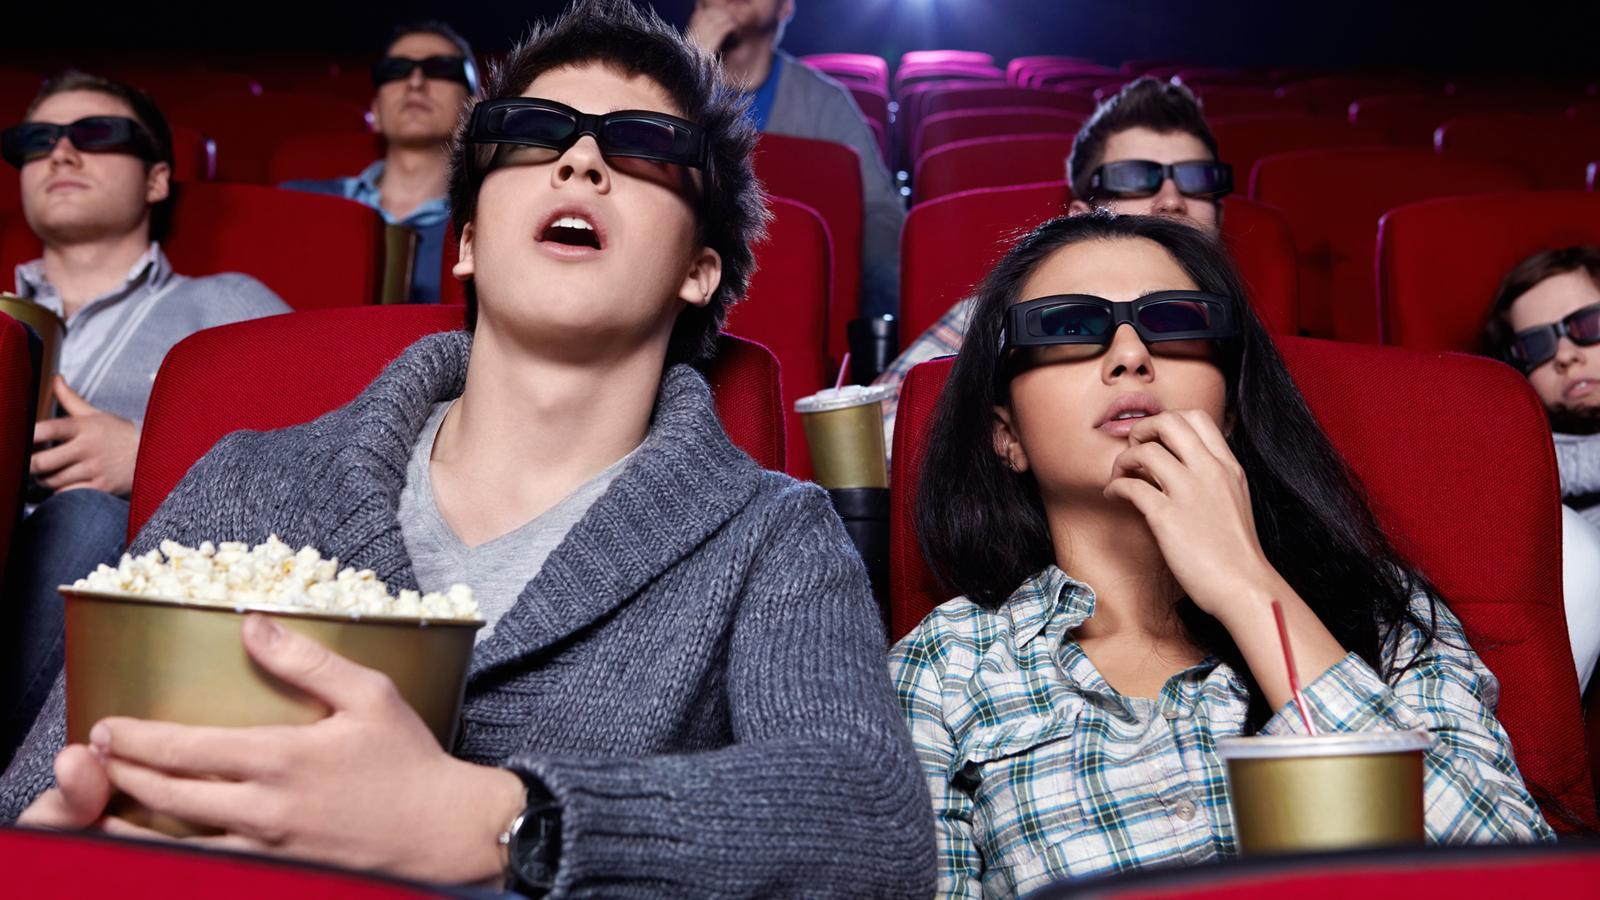 Какой, по вашему мнению, самый лучший фильм?